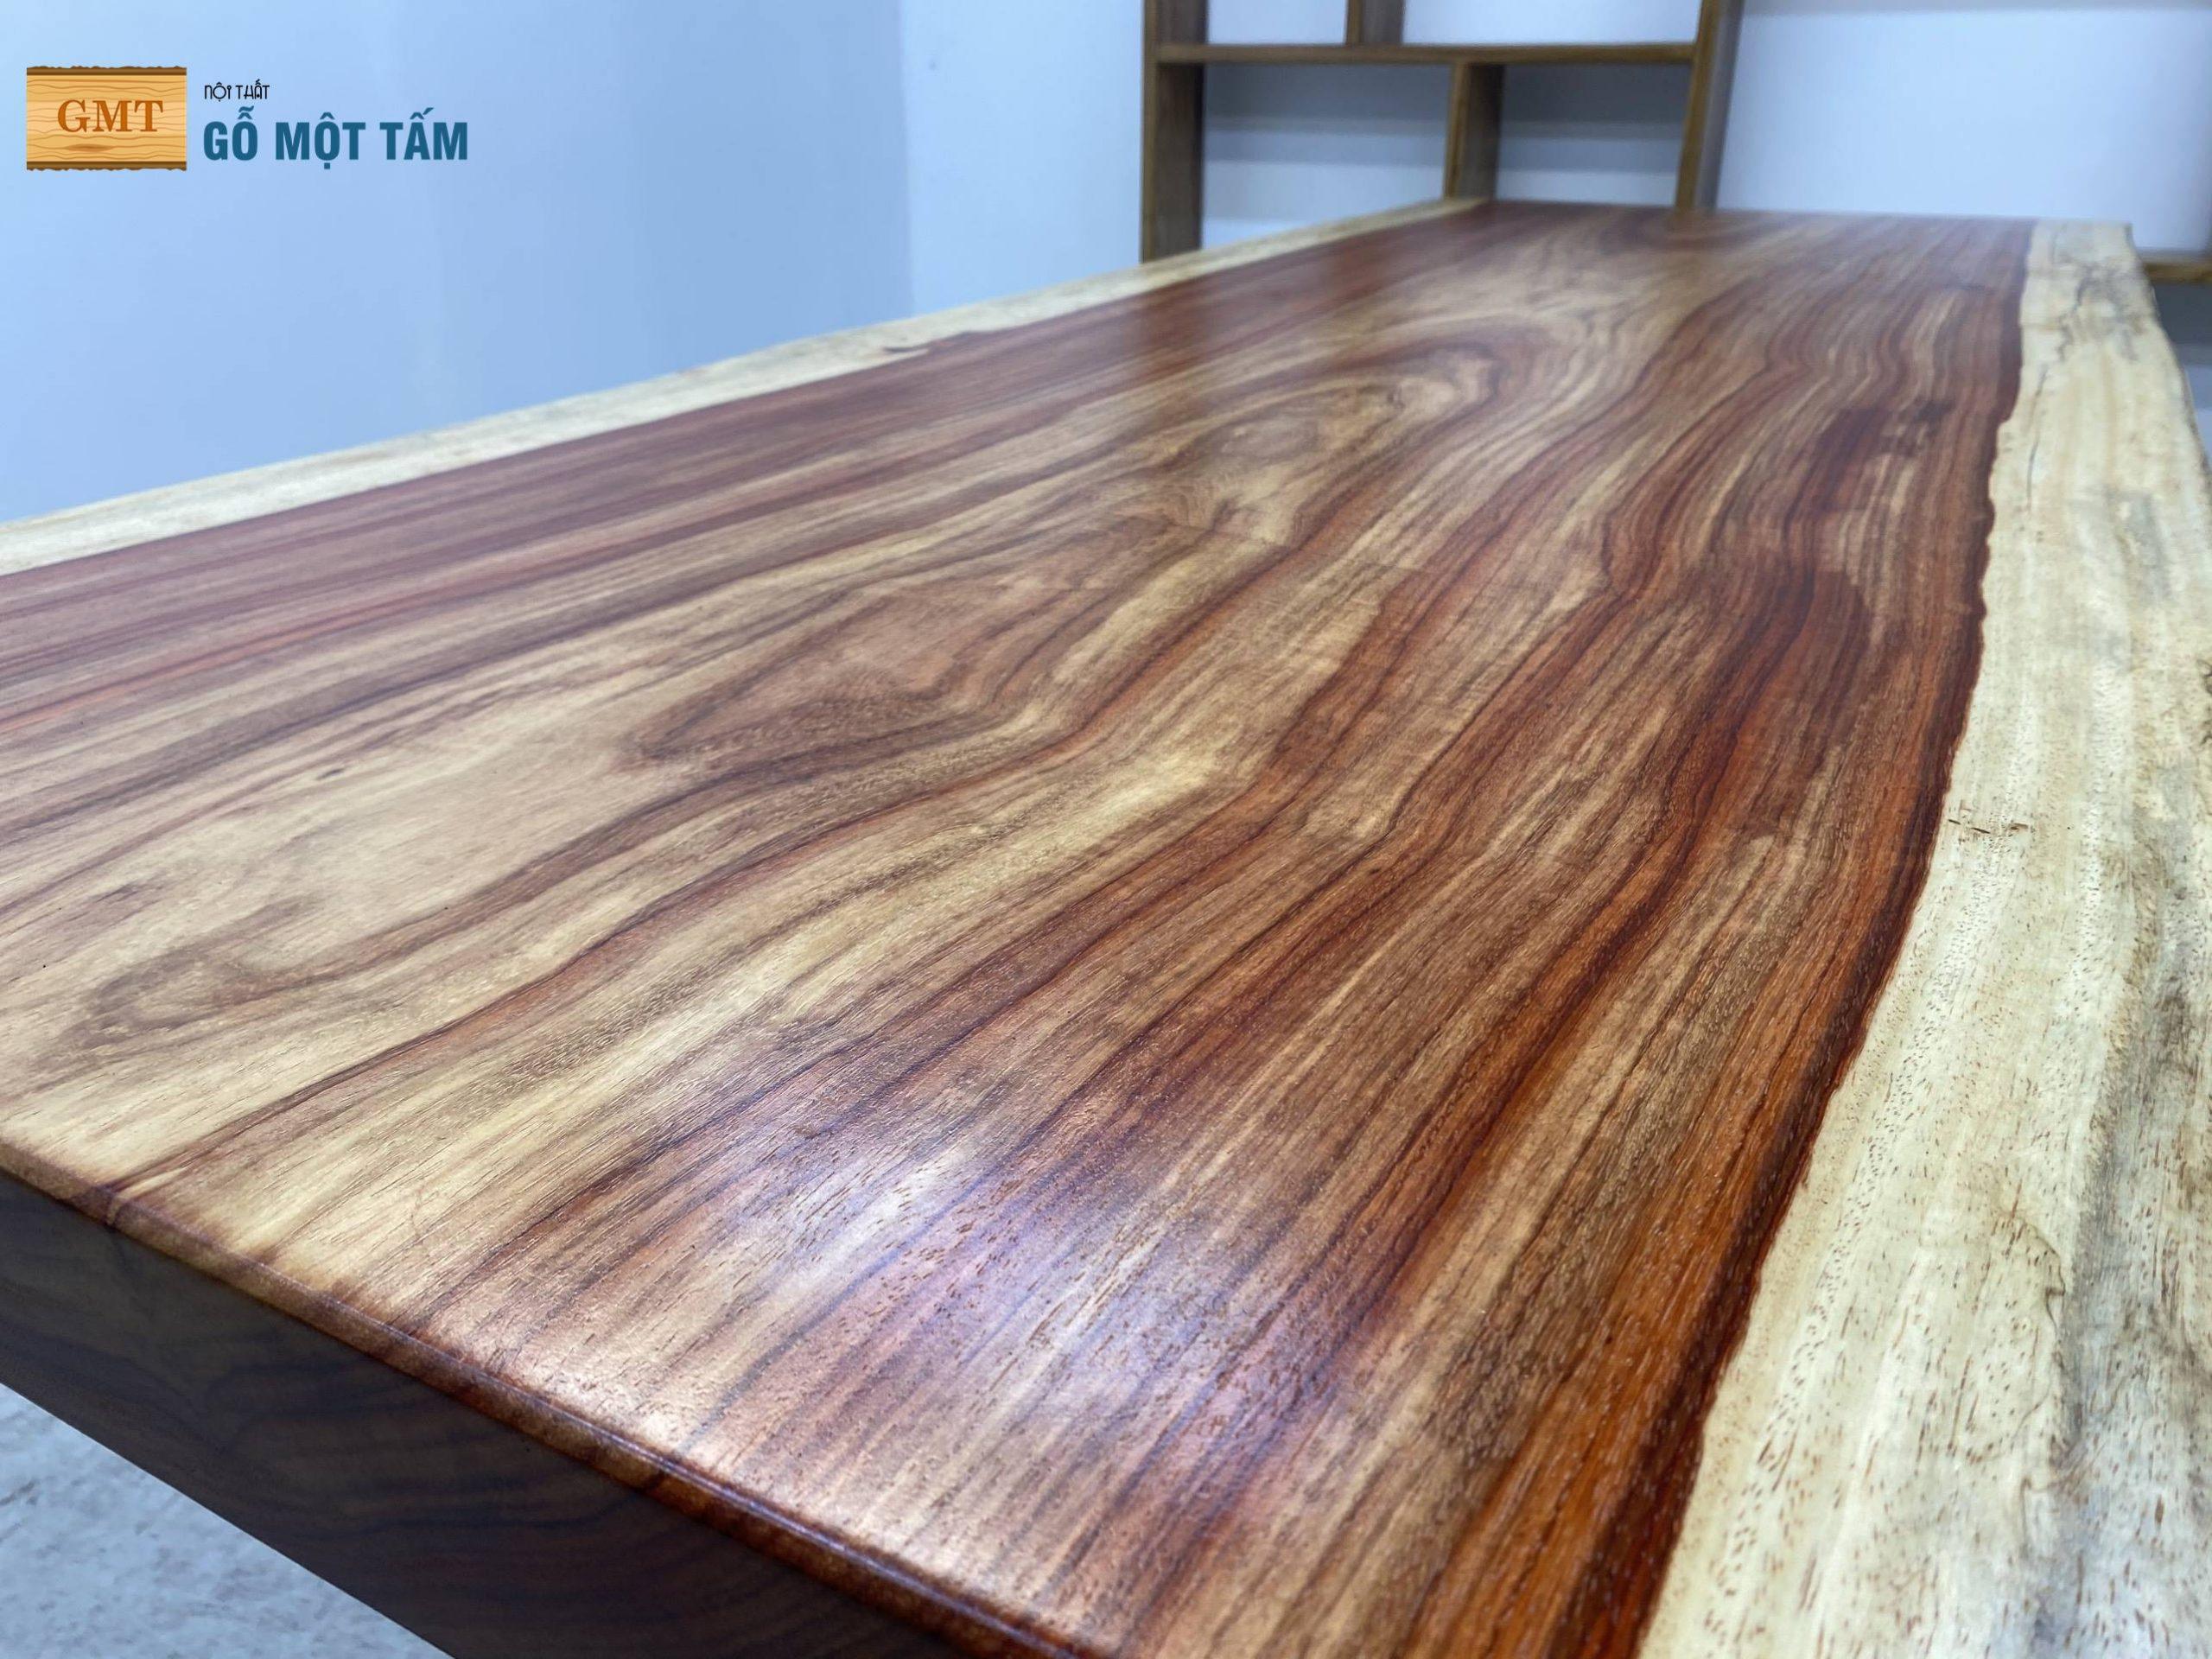 vân gỗ của mặt bàn